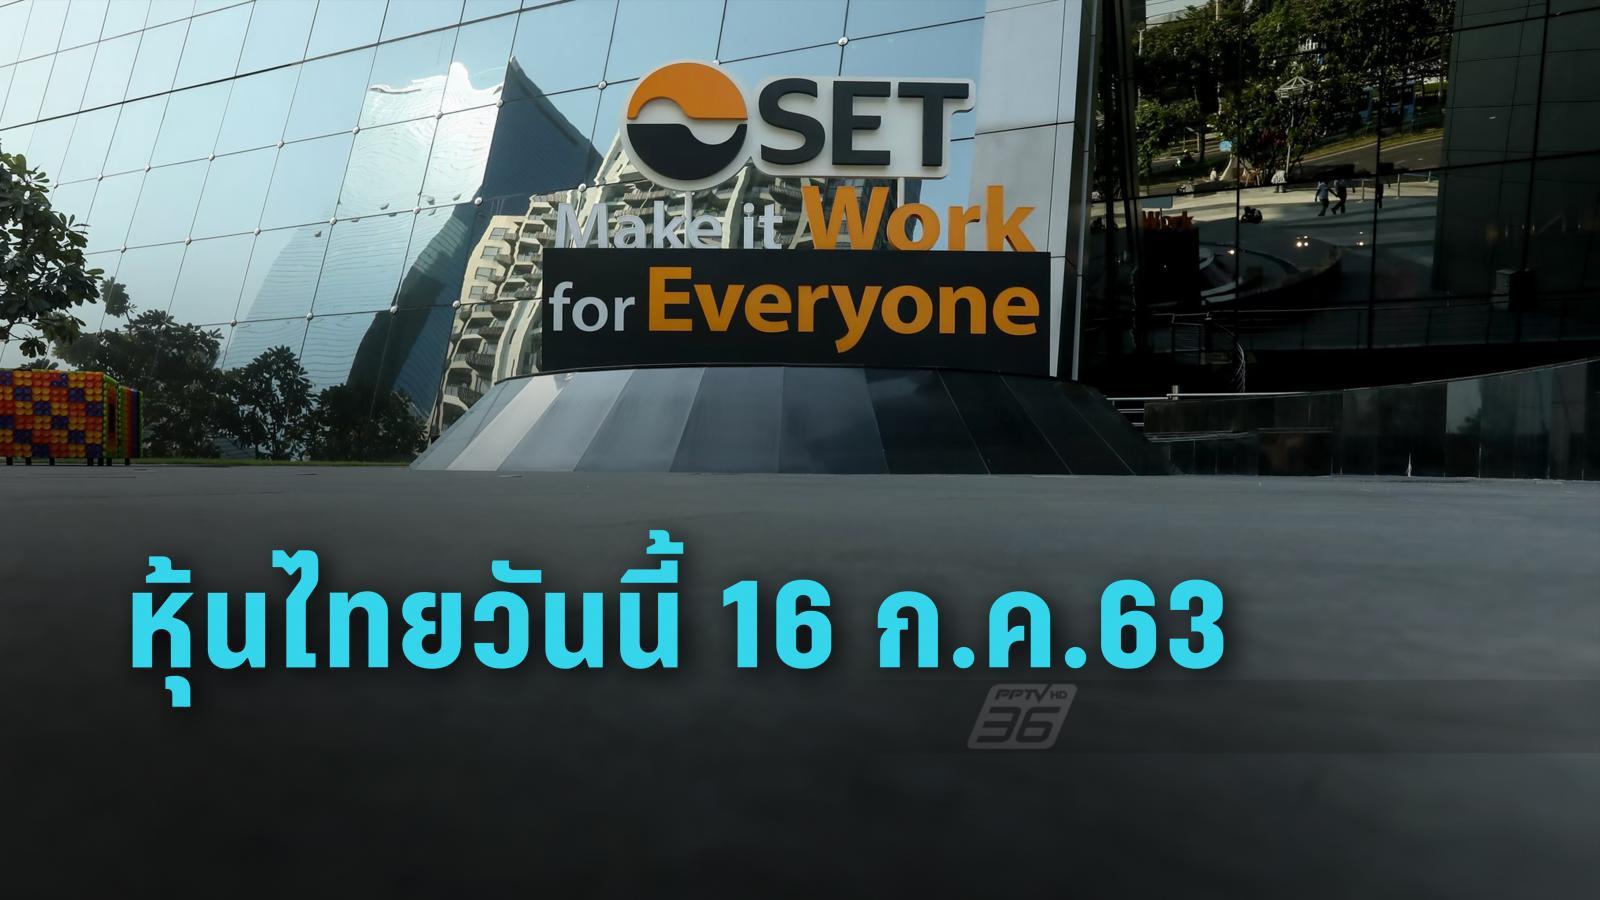 หุ้นไทยวันนี้ (16 ก.ค.63)  ปิดการซื้อขายตลอดวันอยู่ในแดนลบ